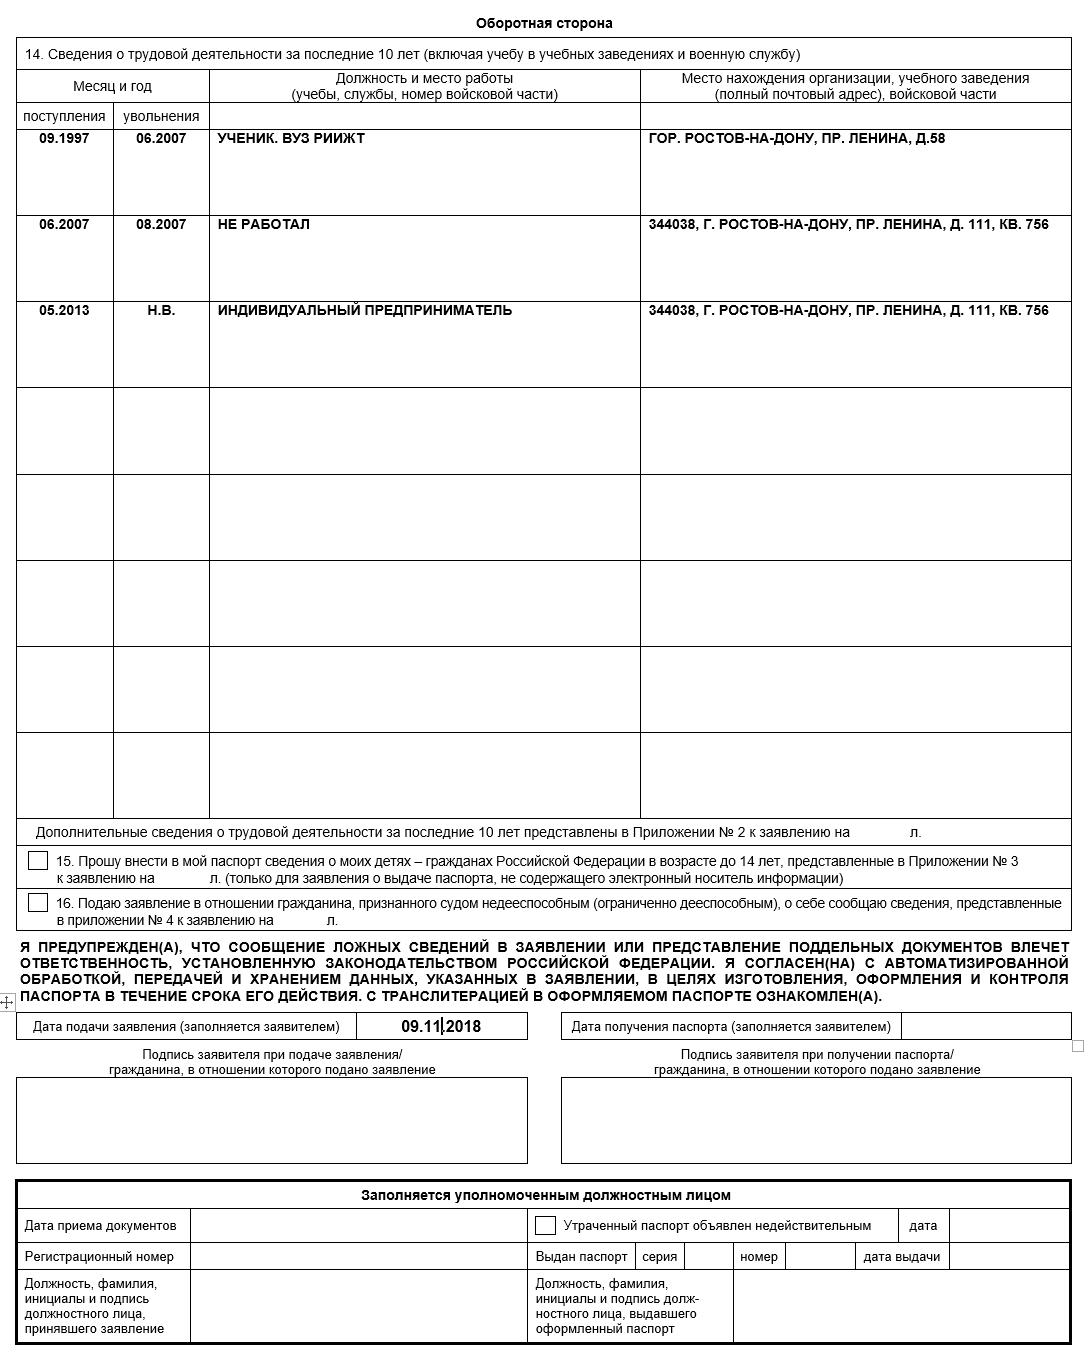 приложение 2 к анкете на загранпаспорт нового образца бланк